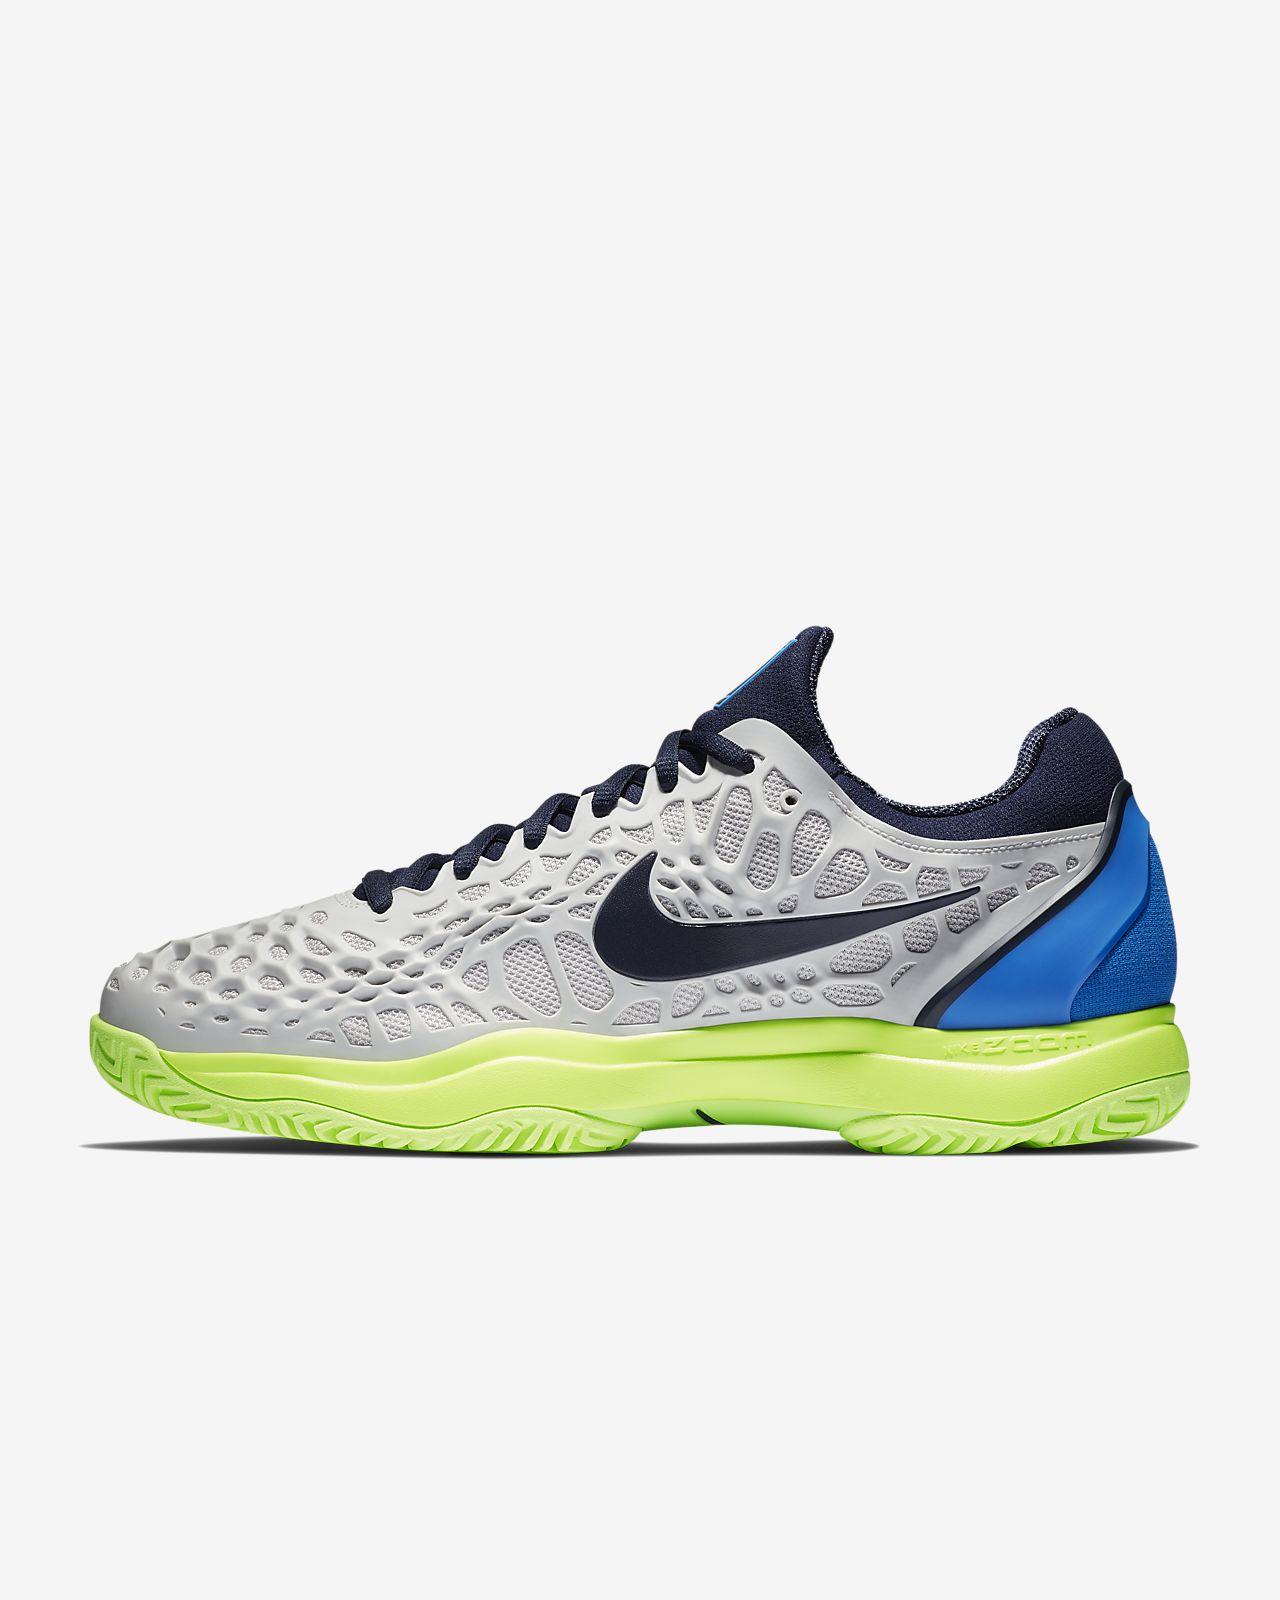 new arrival 0564a 36654 Calzado de tenis en cancha dura para hombre NikeCourt Zoom Cage 3